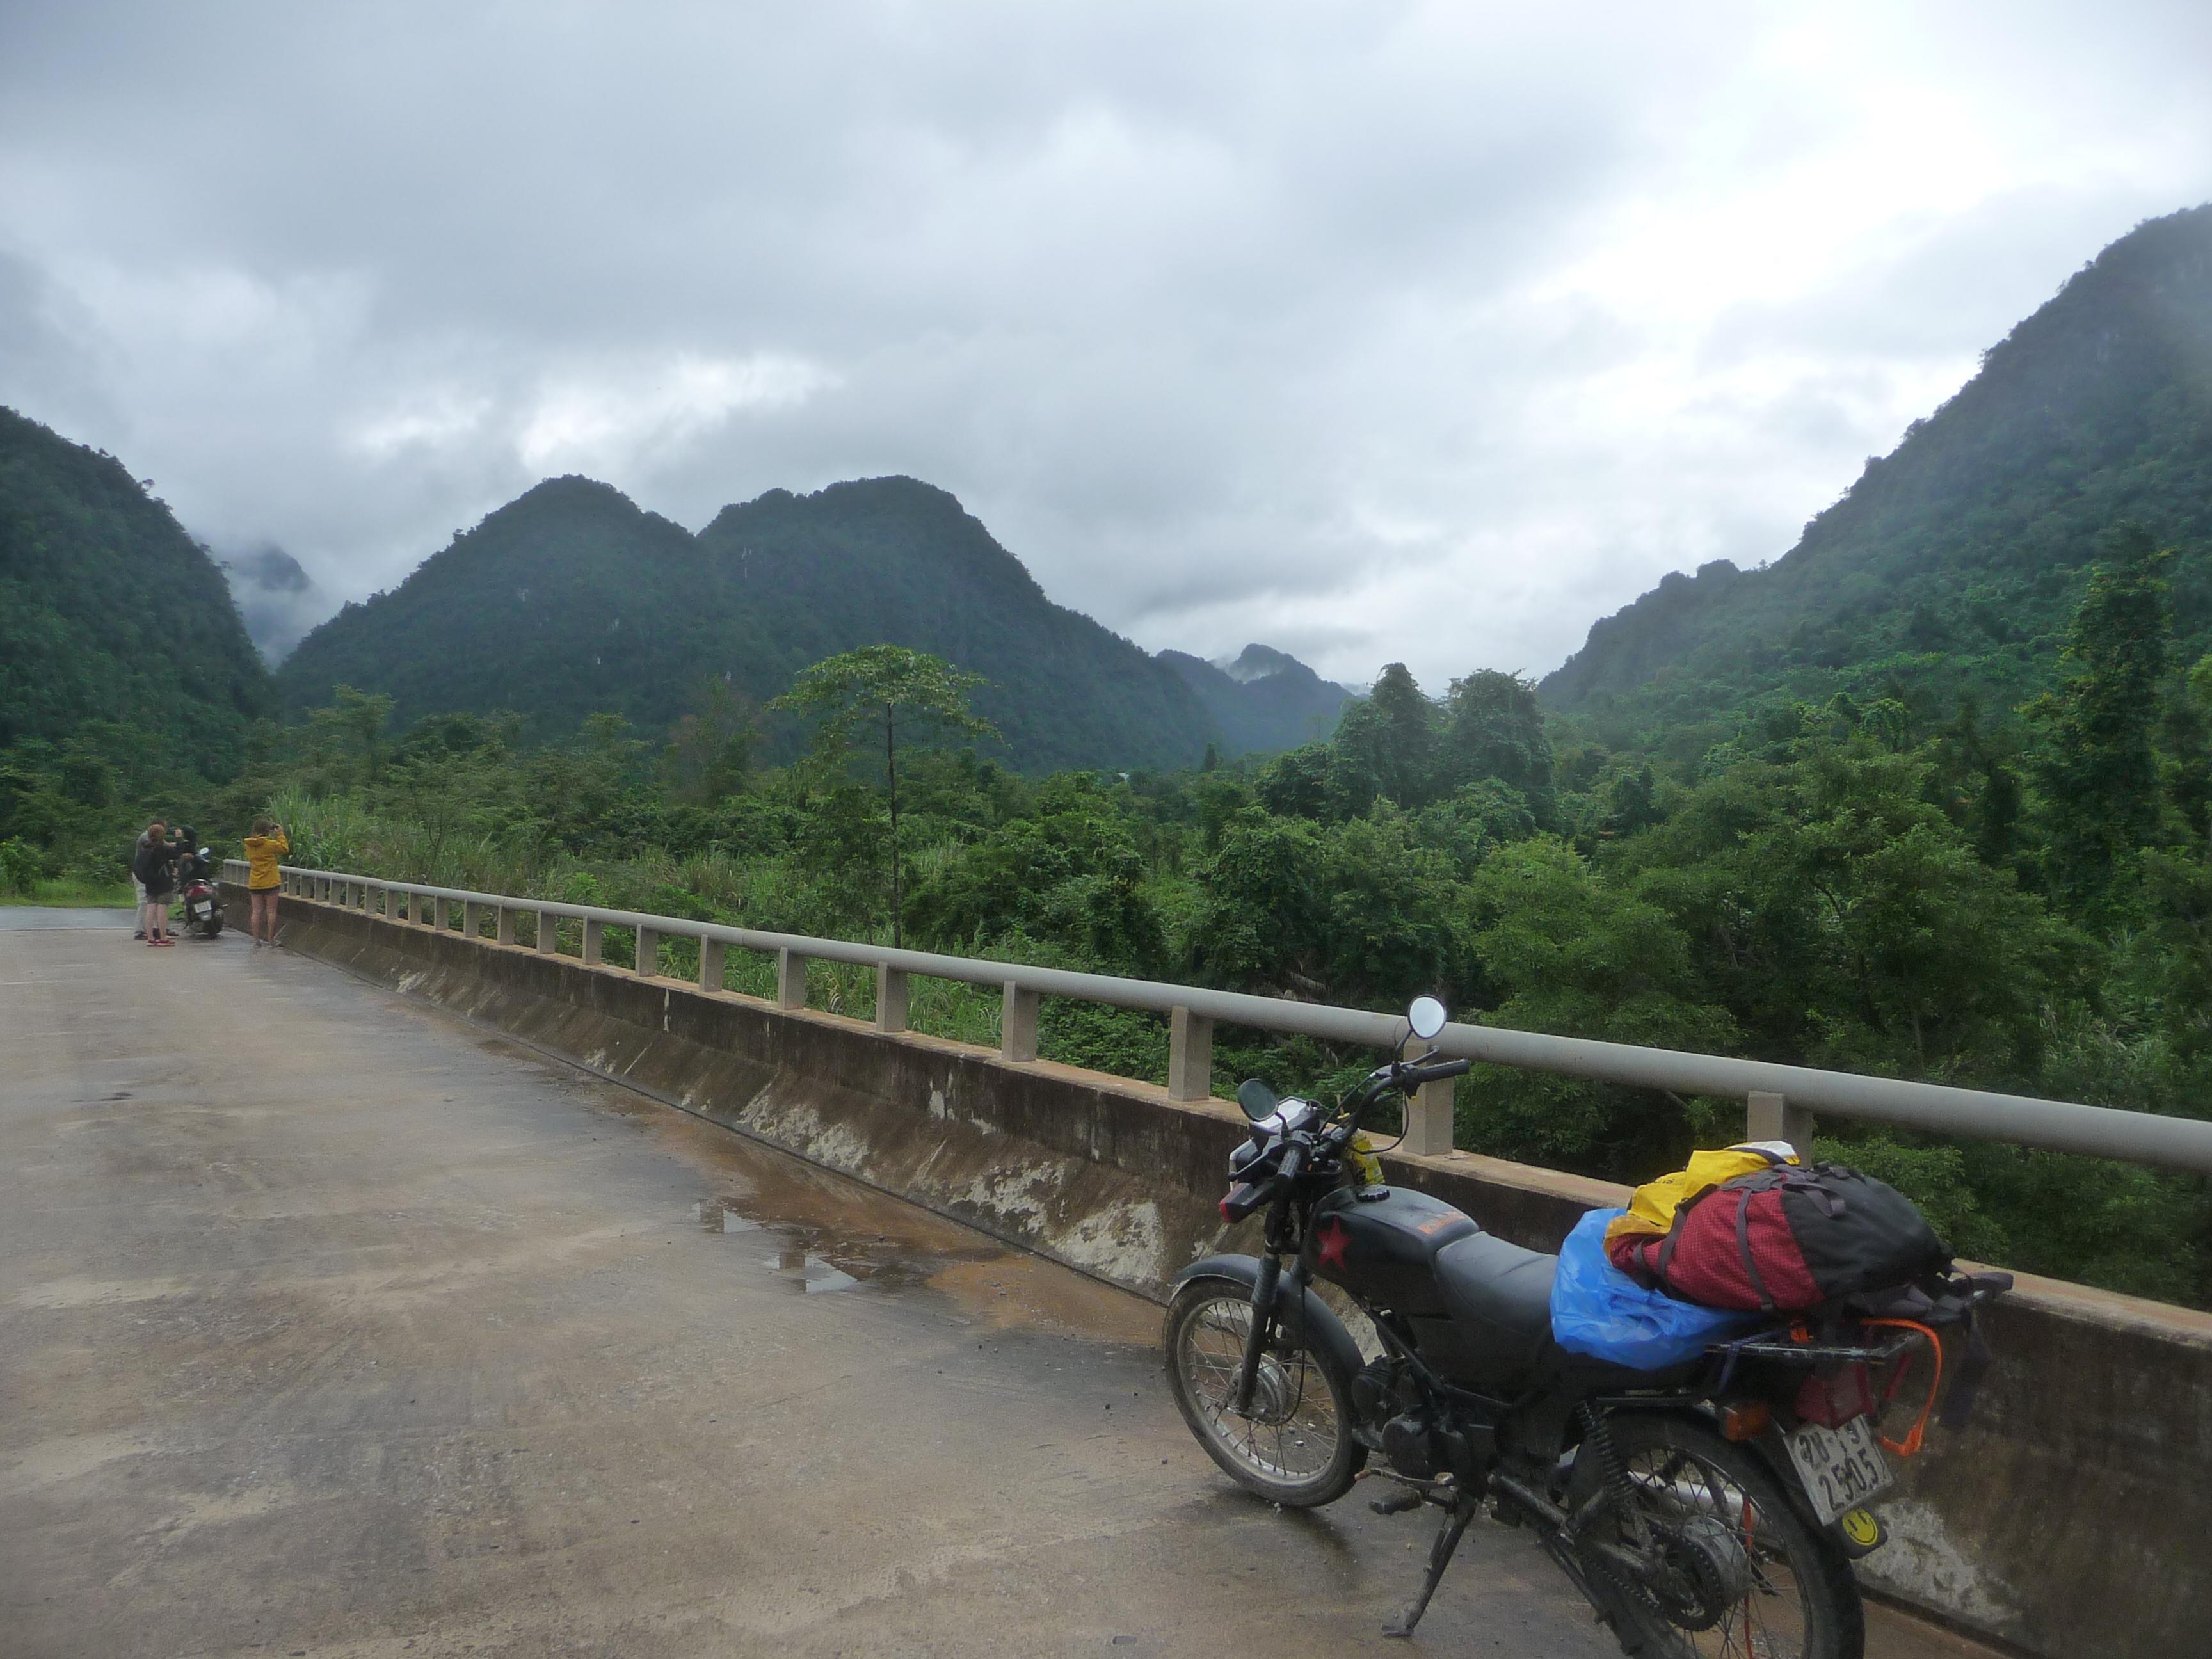 Vietnam by Motorcycle – Fun in Phong Nha